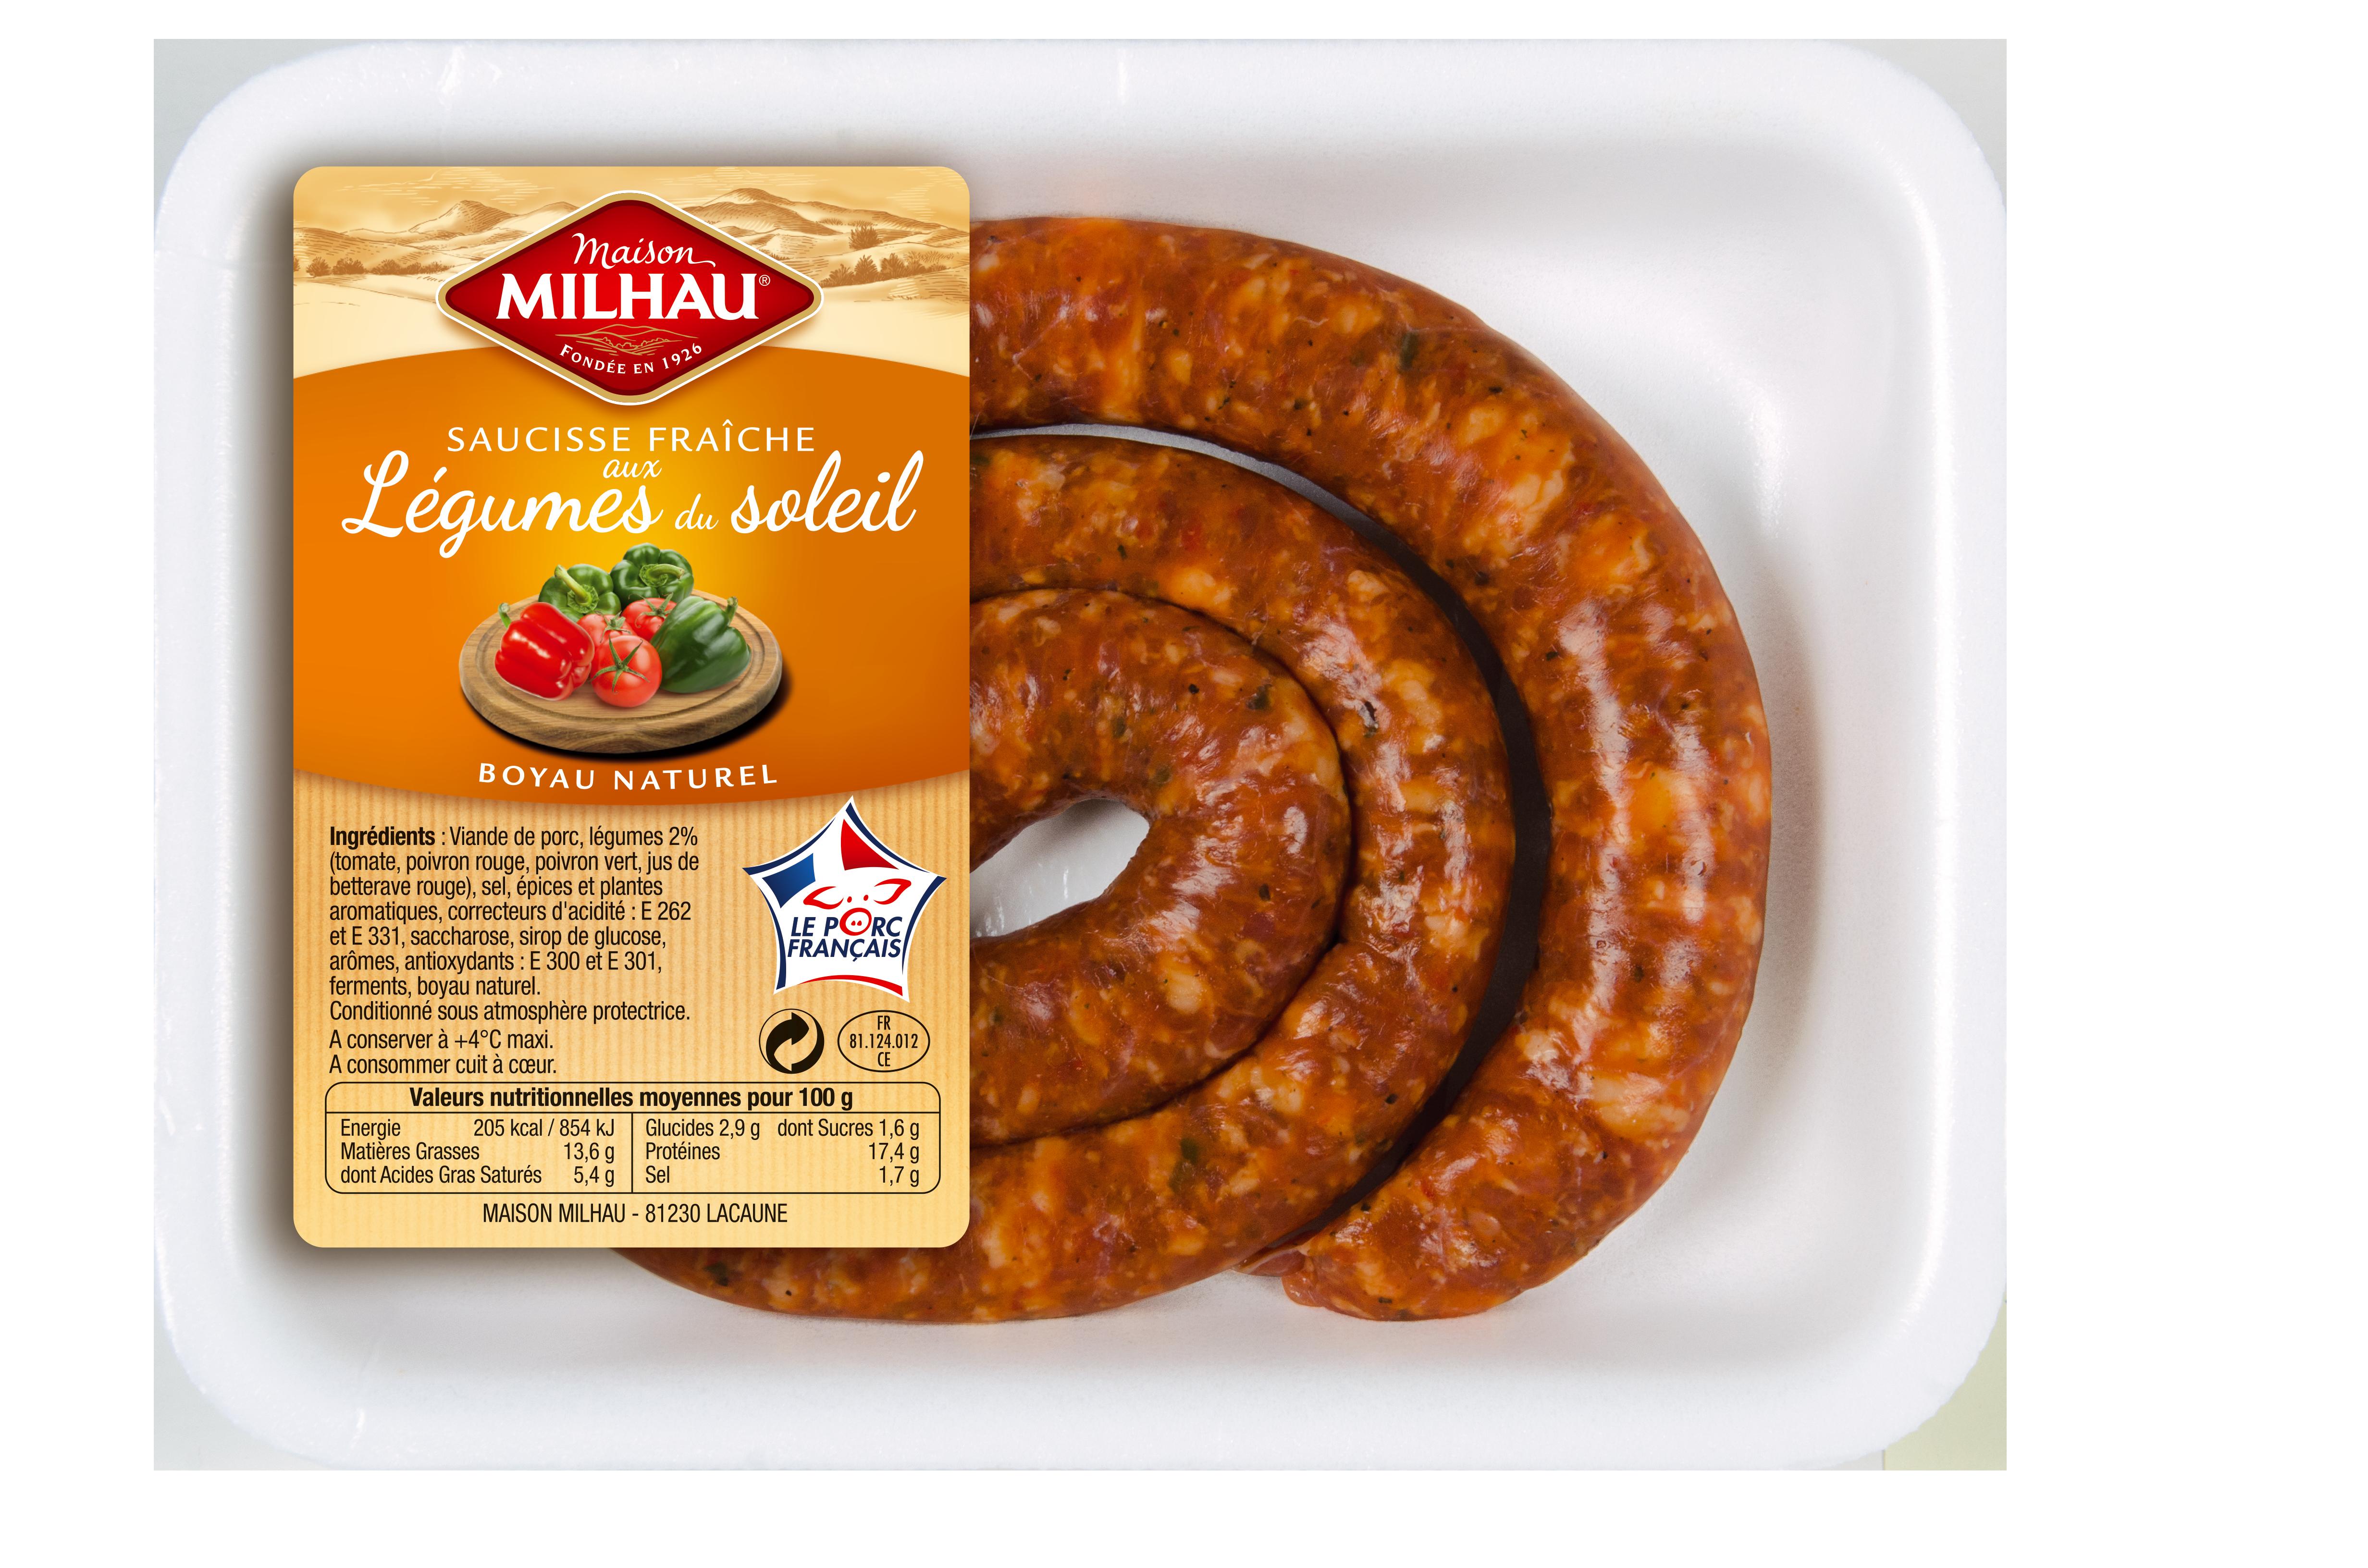 Maison Milhau élabore sa saucisse fraîche avec de la viande de porc 100% origine France